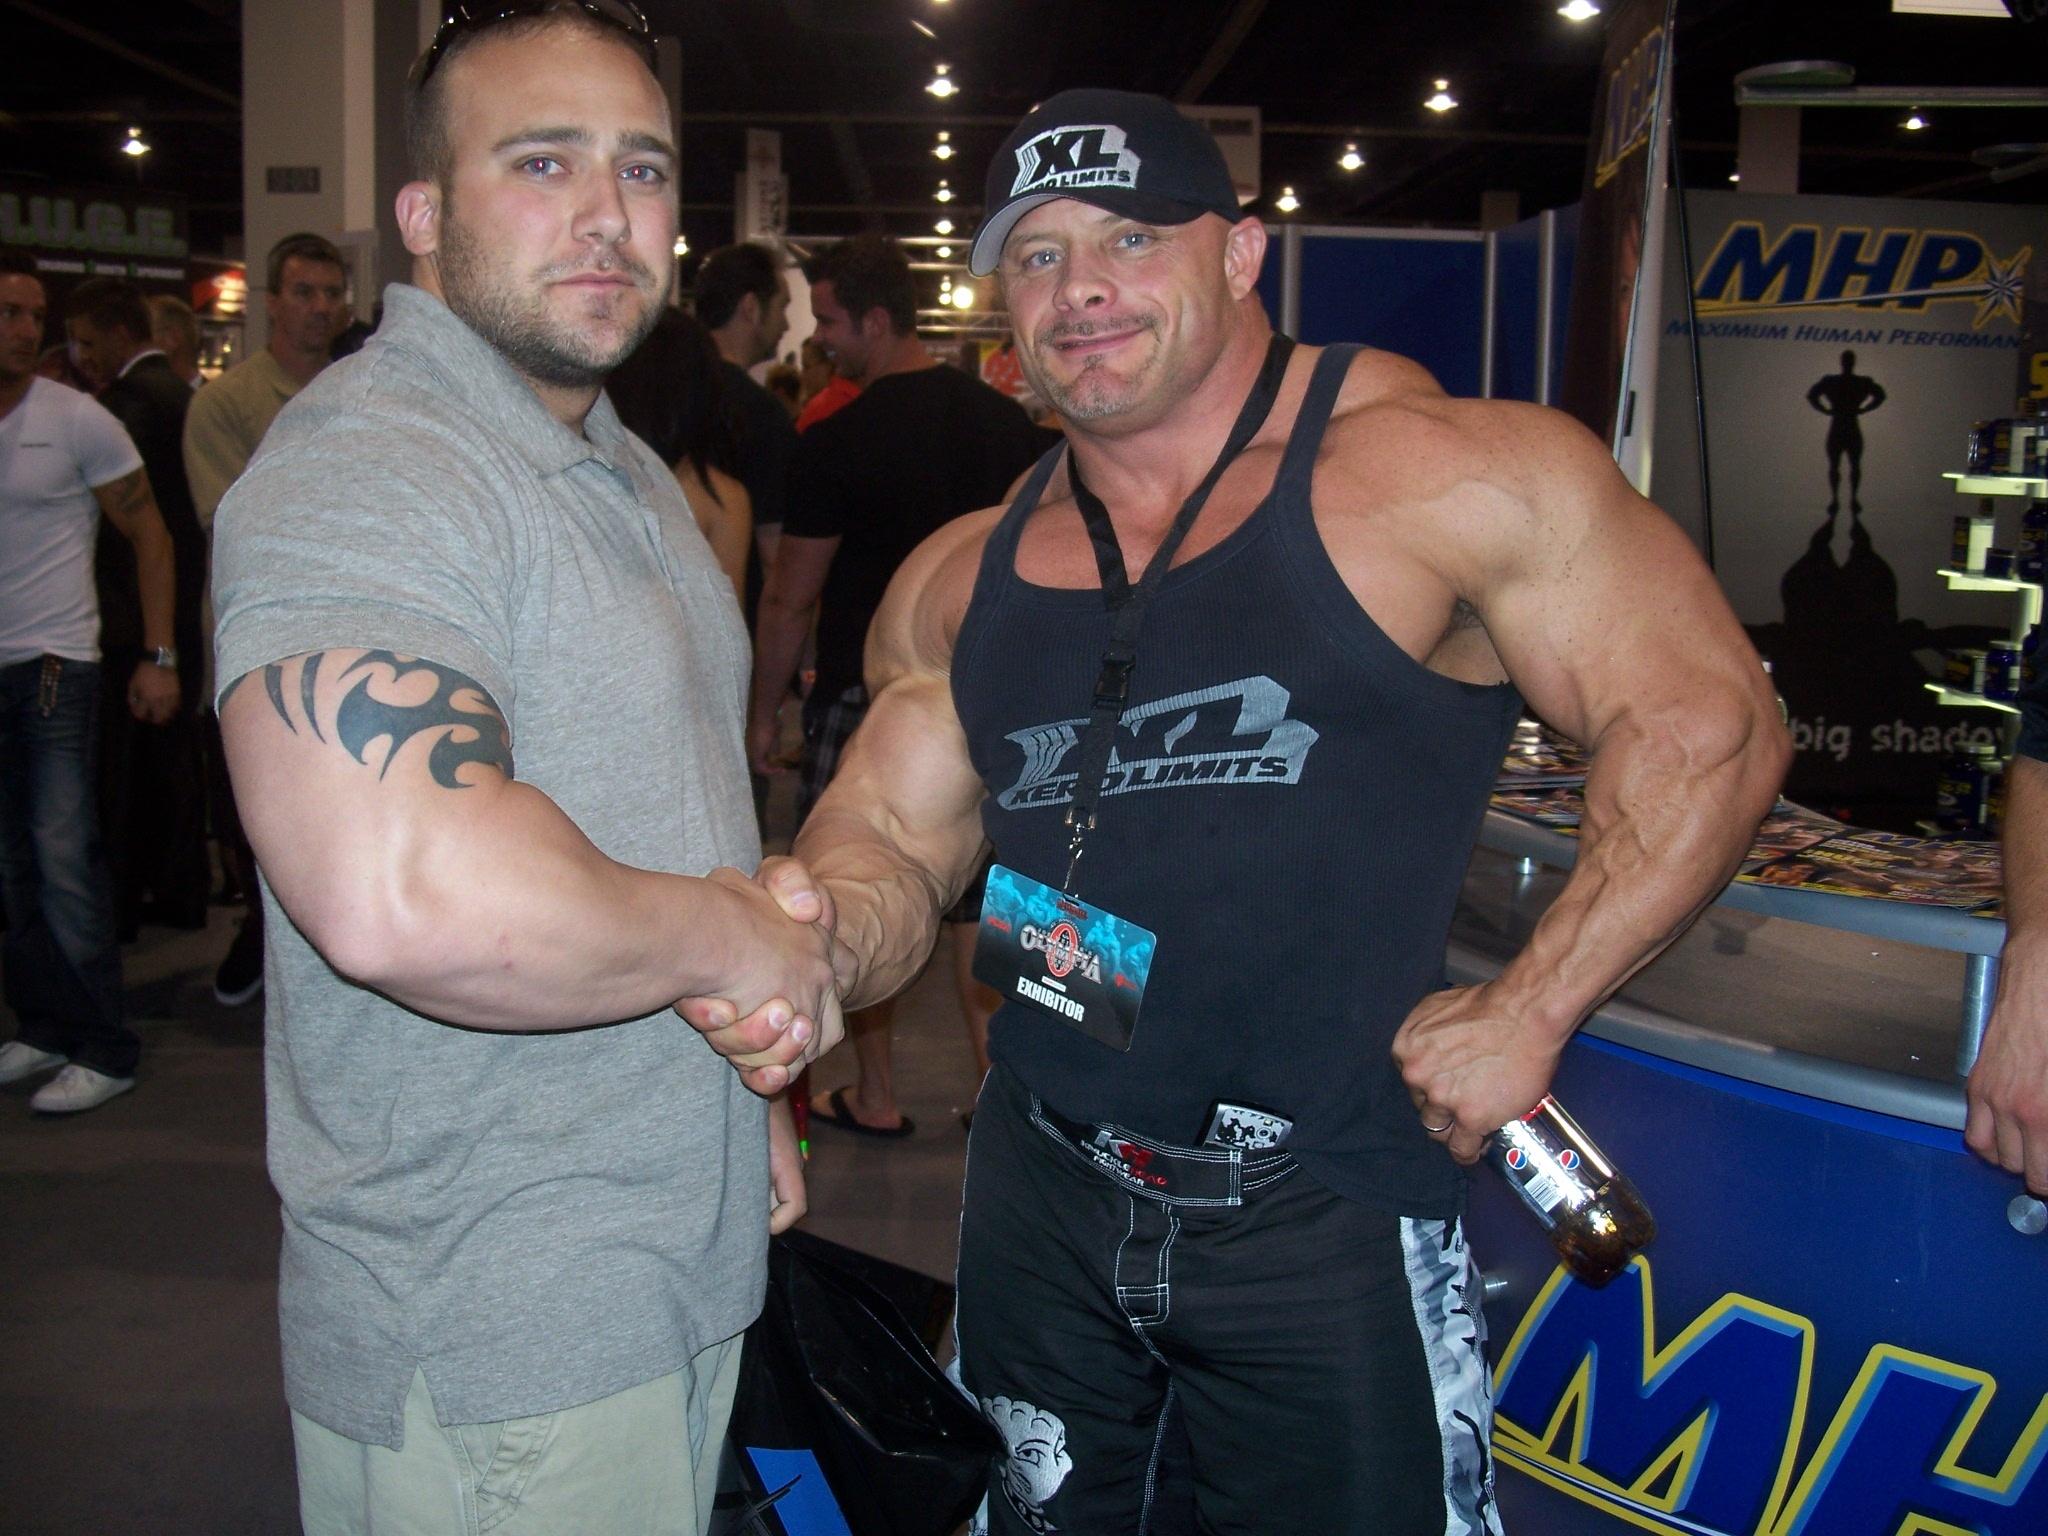 Hintergrundbilder : Bodybuilder, Bodybuilding, Struktur, Fallen ...